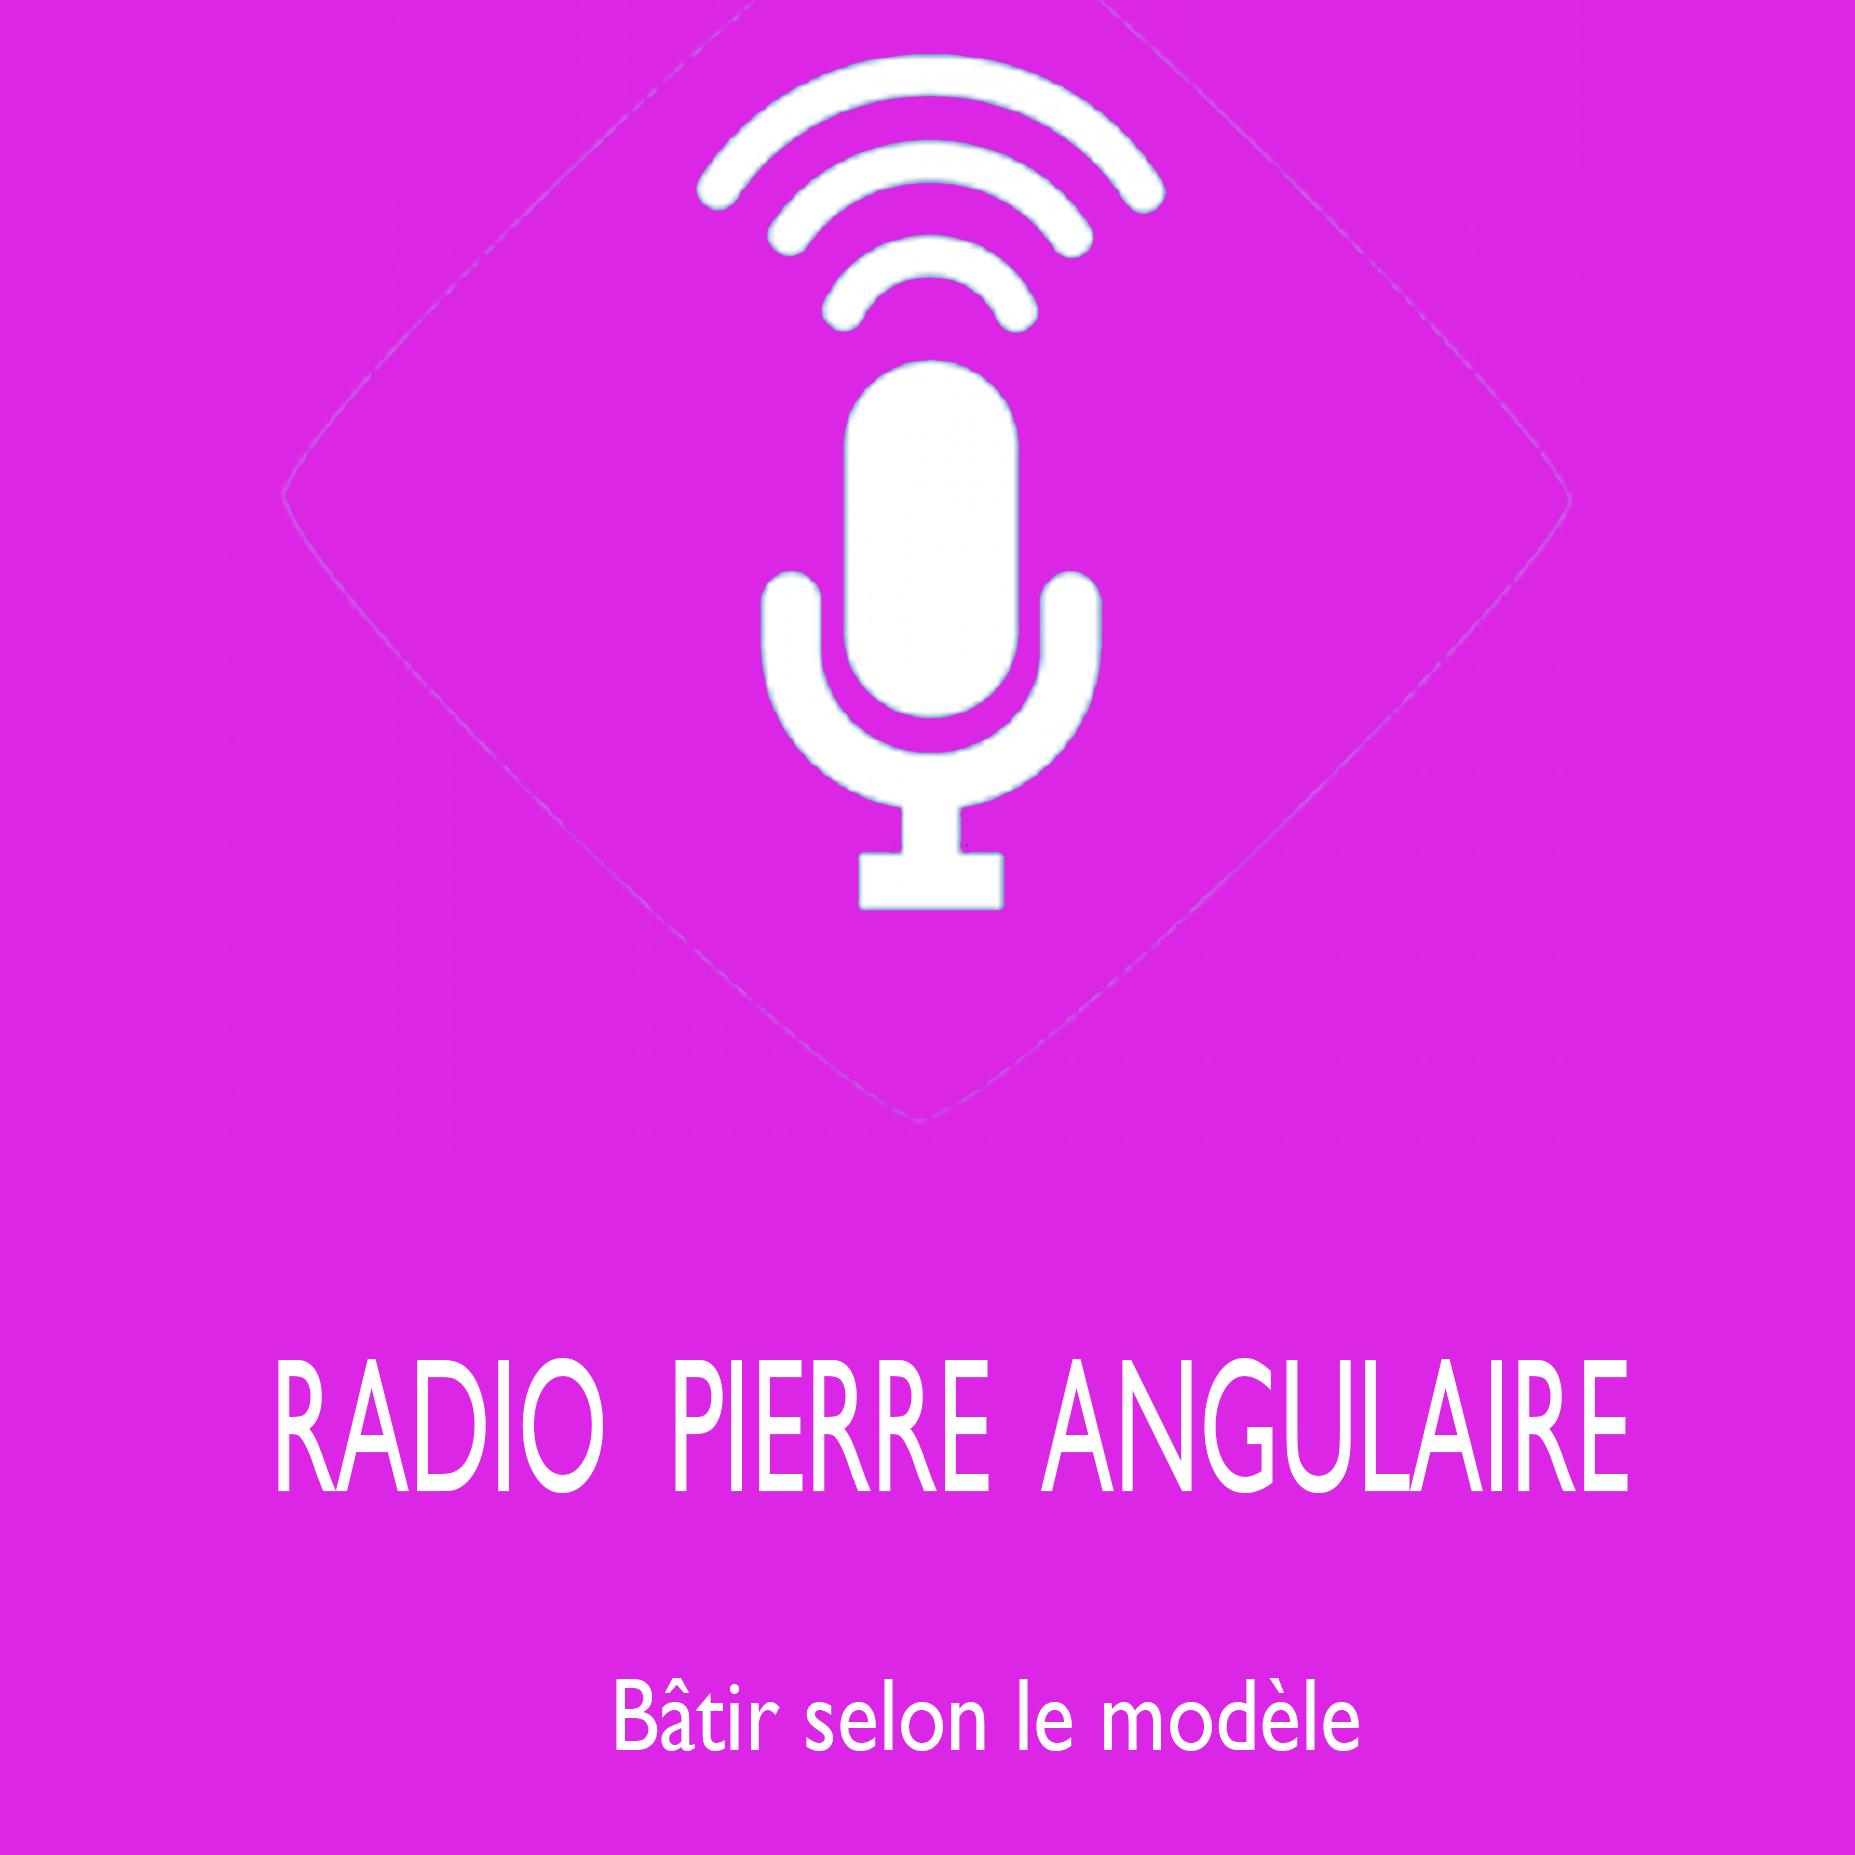 RadioPIERREANGULAIRE